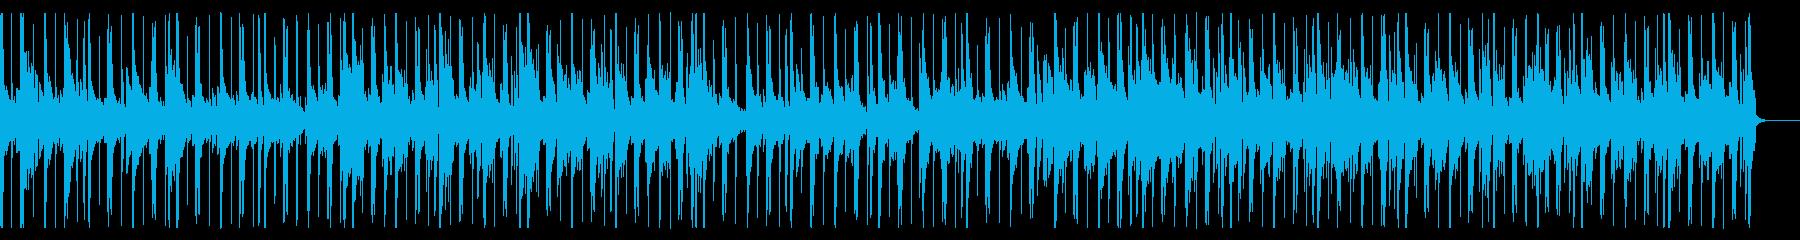 儚げ/R&B_No606_1の再生済みの波形